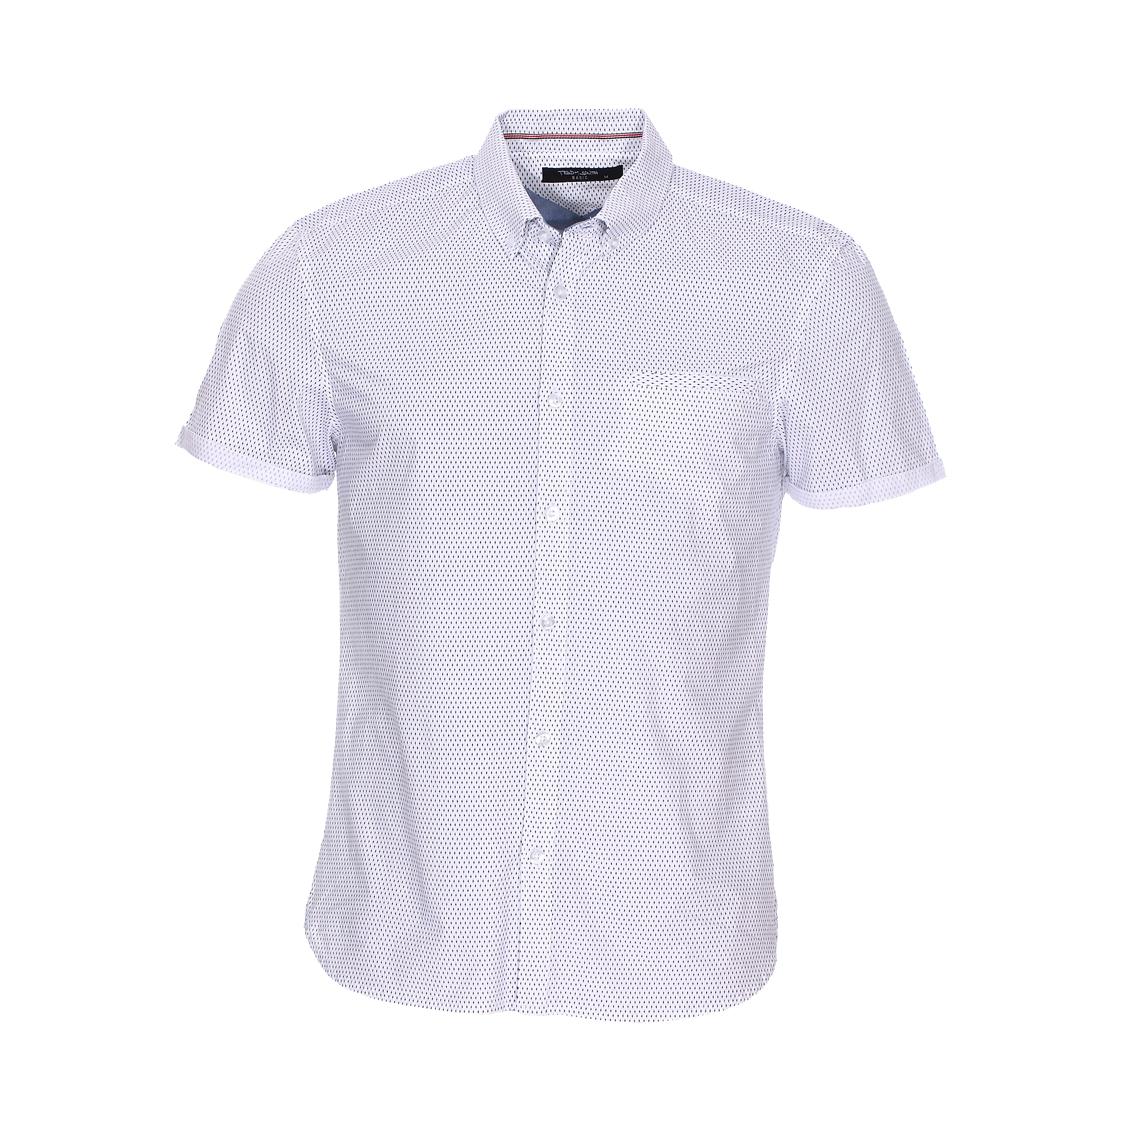 Chemise manches courtes ajustée  cut en coton blanc à micro motifs bleu marine